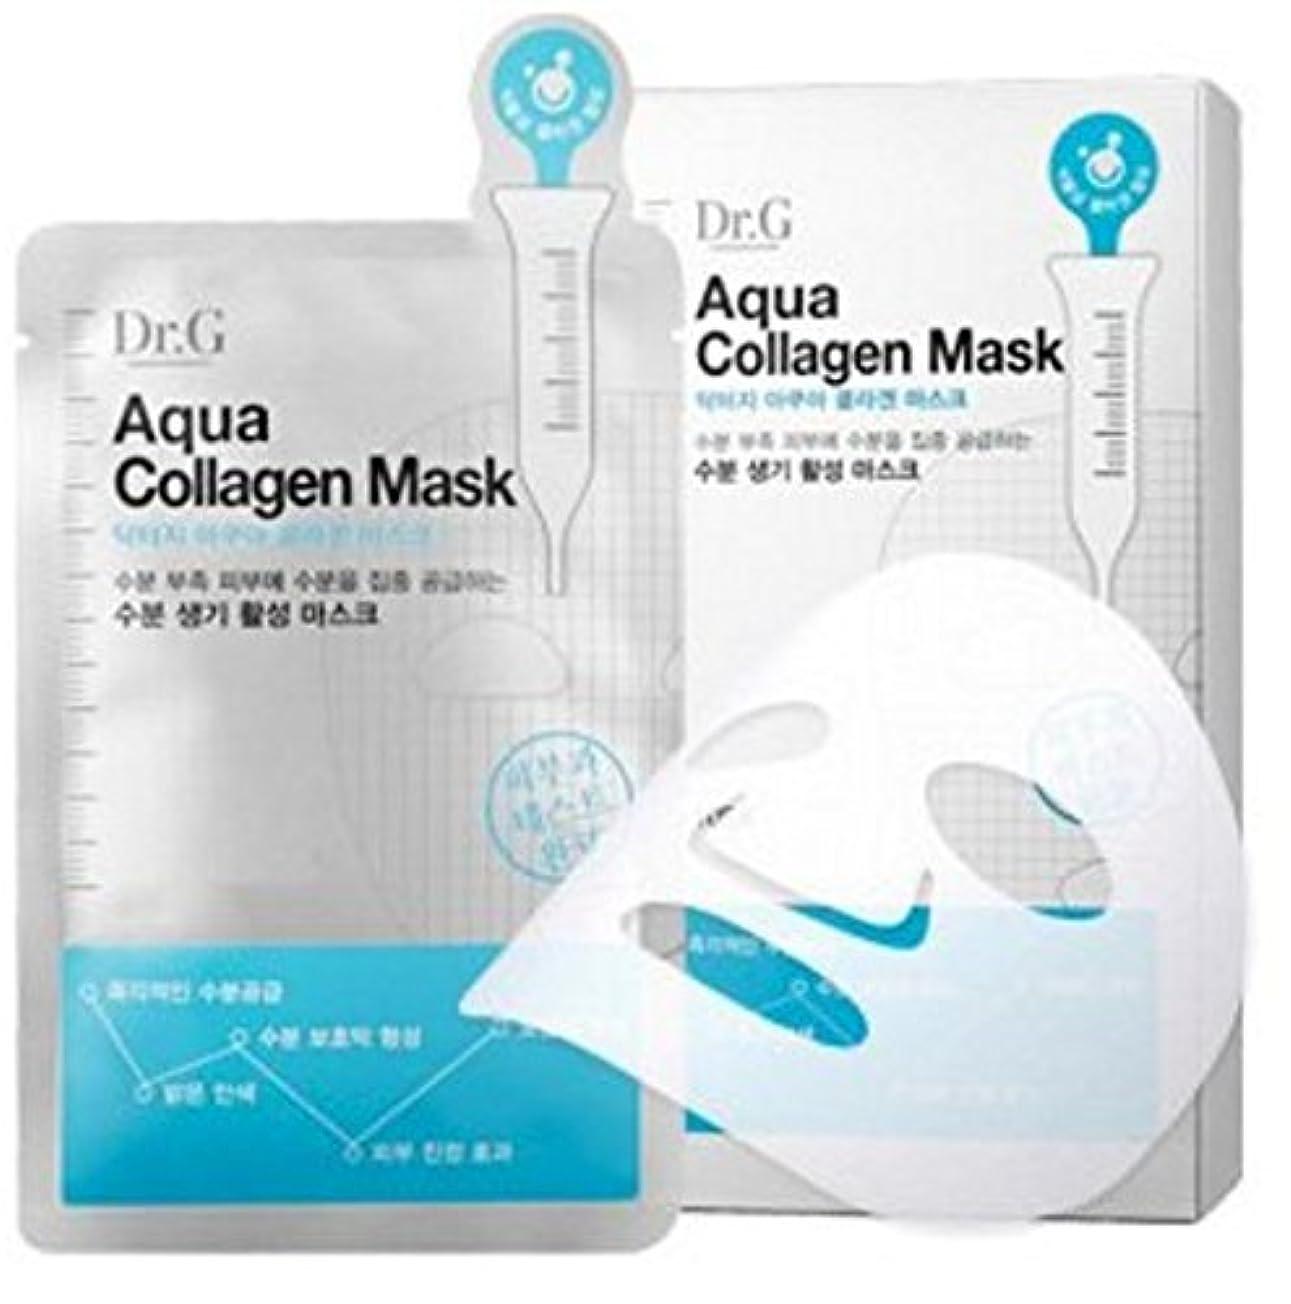 使用法とげのあるサンダースDr. G [ドクター ジー] アクア コラーゲン マスク 10枚 [並行輸入品]